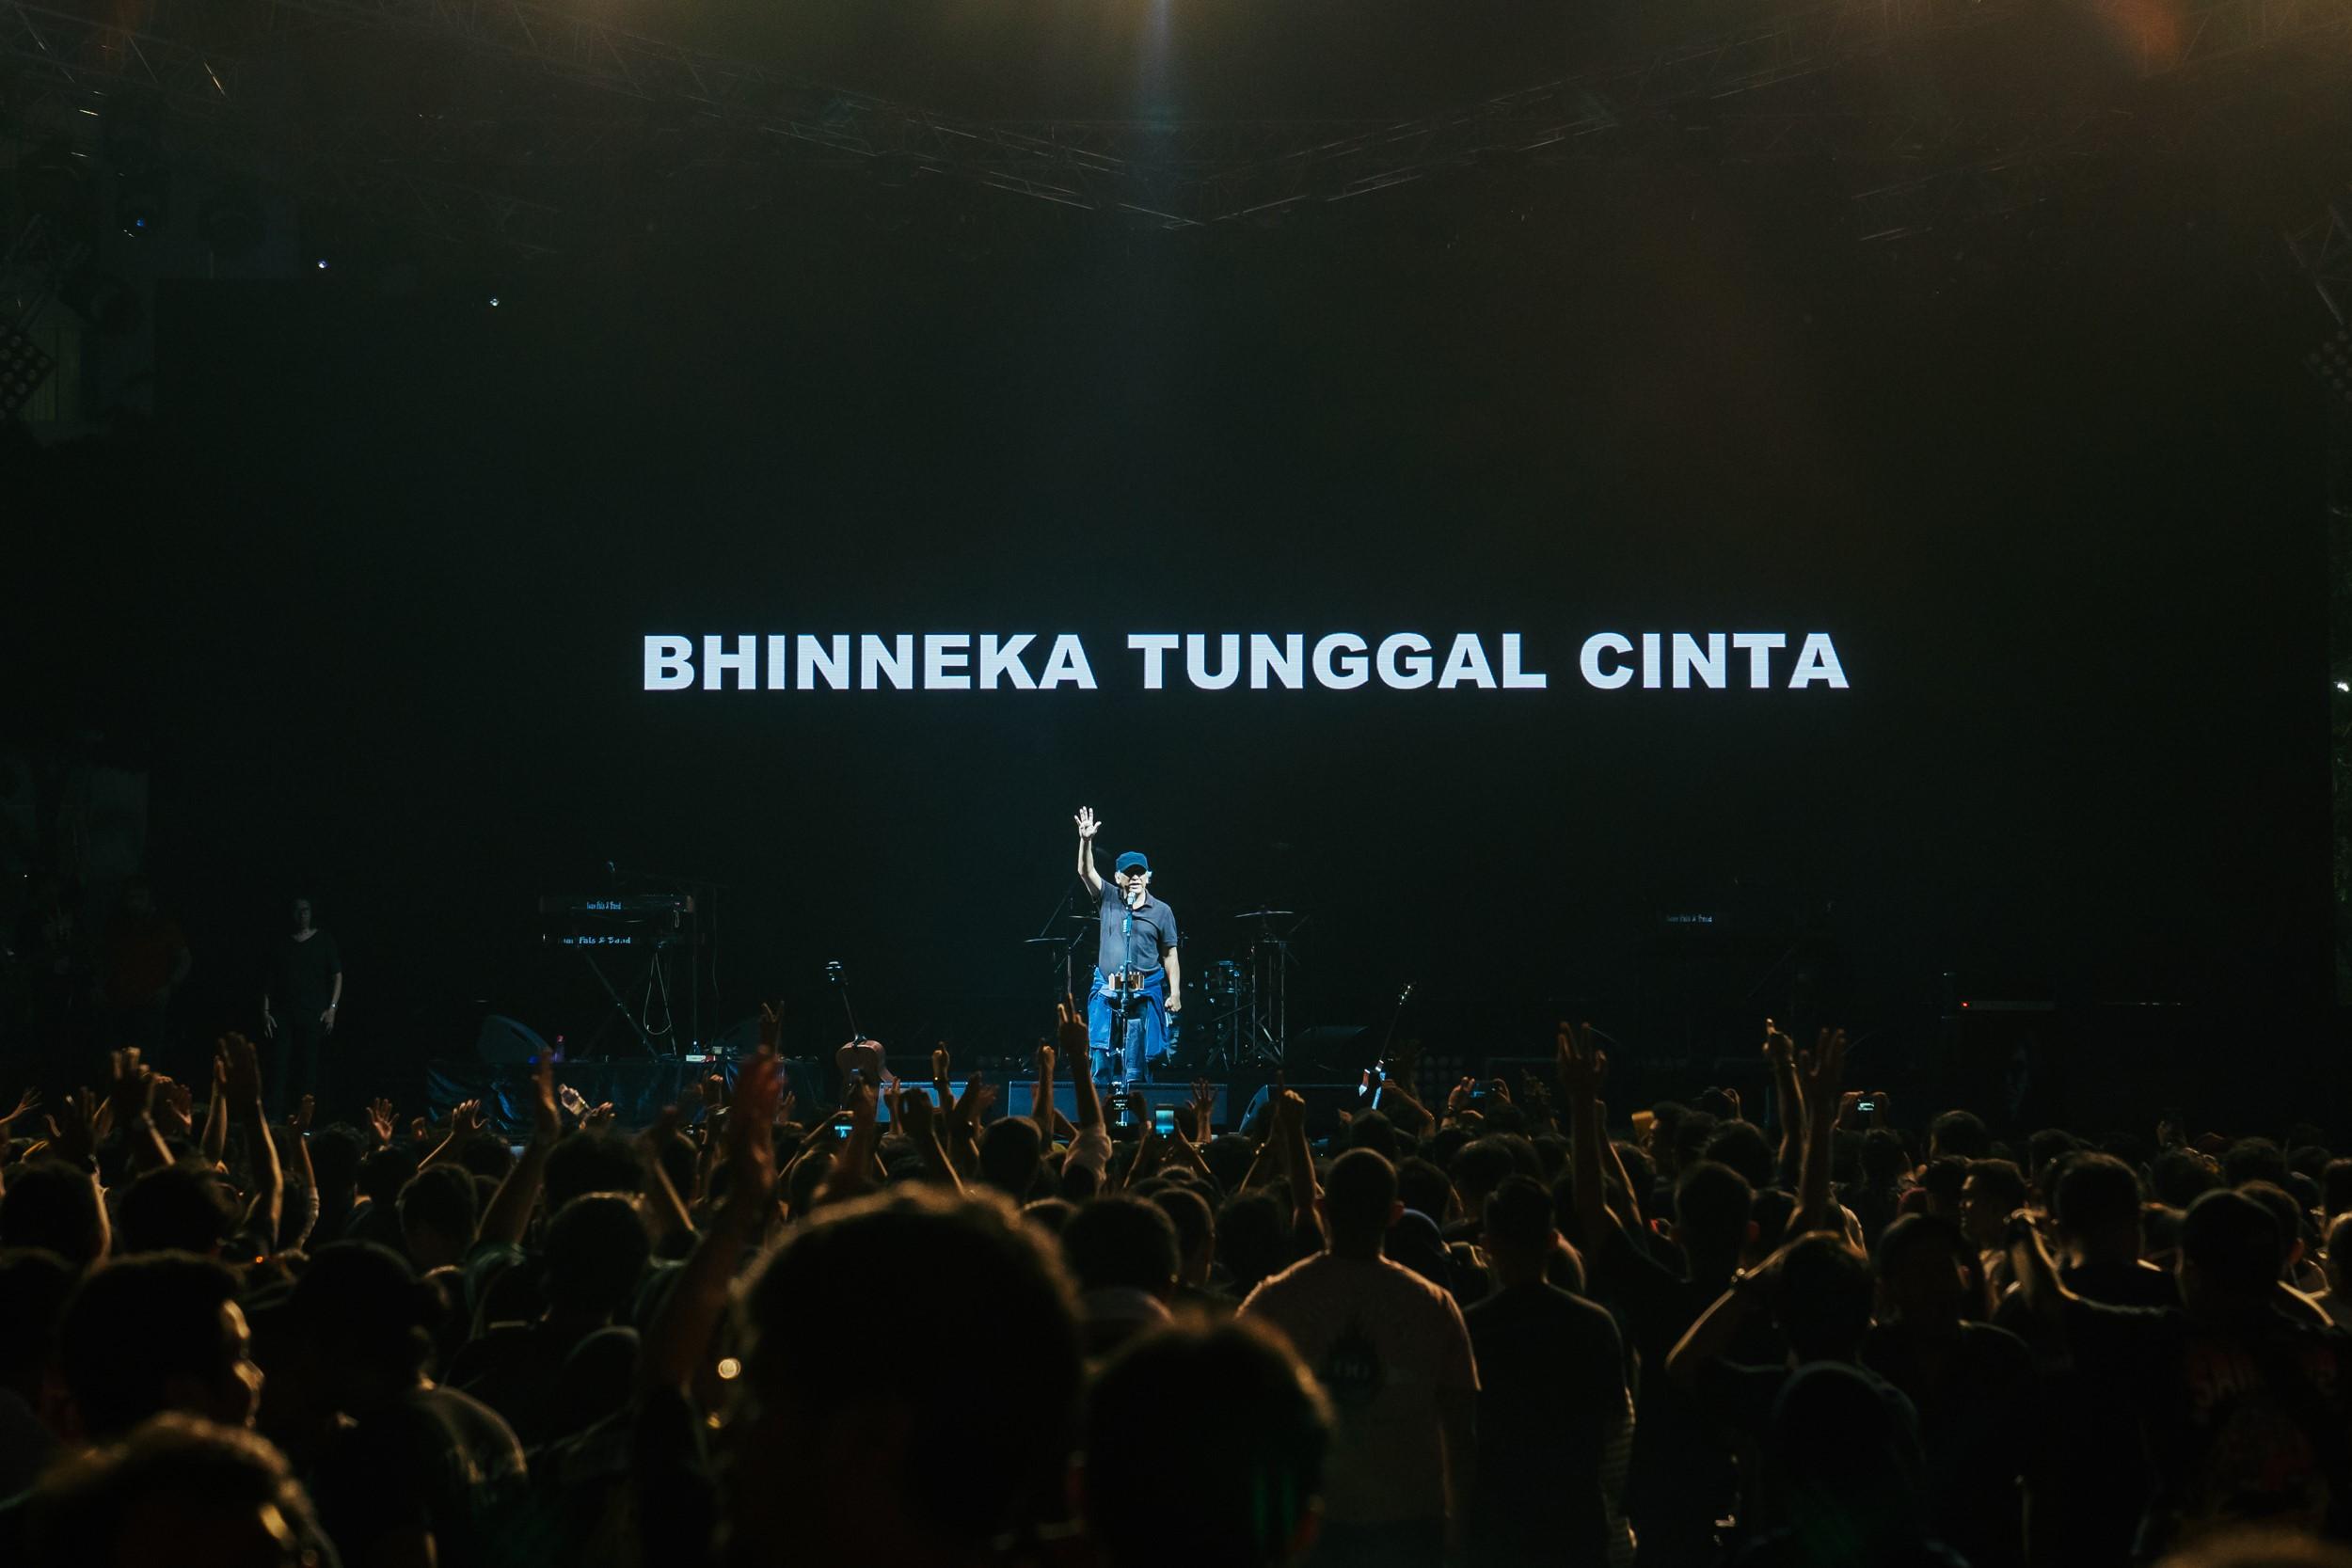 Synchronize Festival 2019: Kejutan Iwan Fals Sang Legenda Musik Indonesia Hadir Menghibur Pengunjung